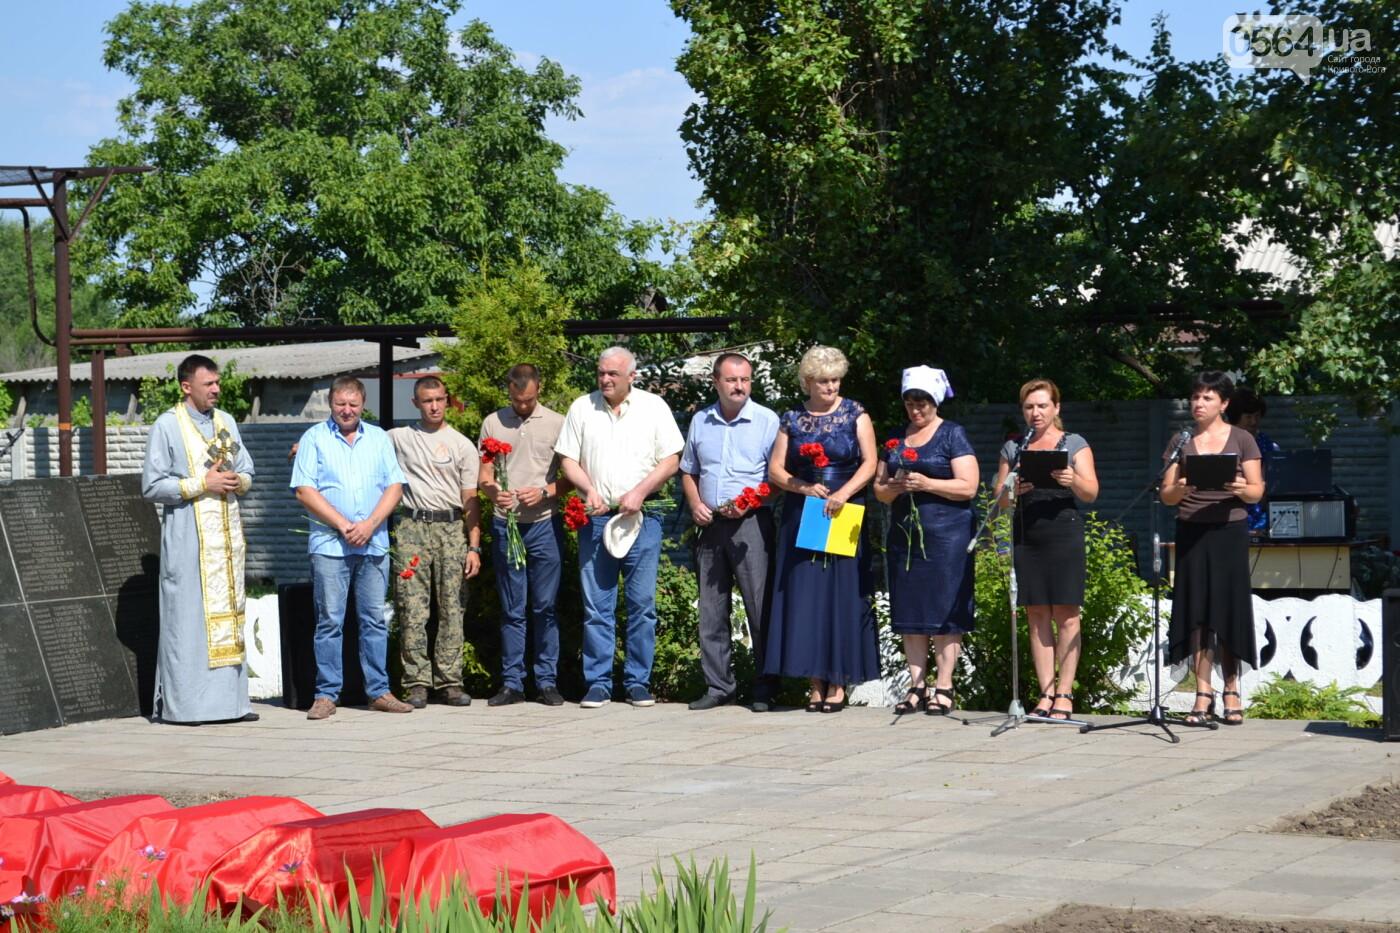 Вечная память! На Криворожье торжественно захоронили останки 43 воинов Второй мировой, - ФОТО, ВИДЕО, фото-10